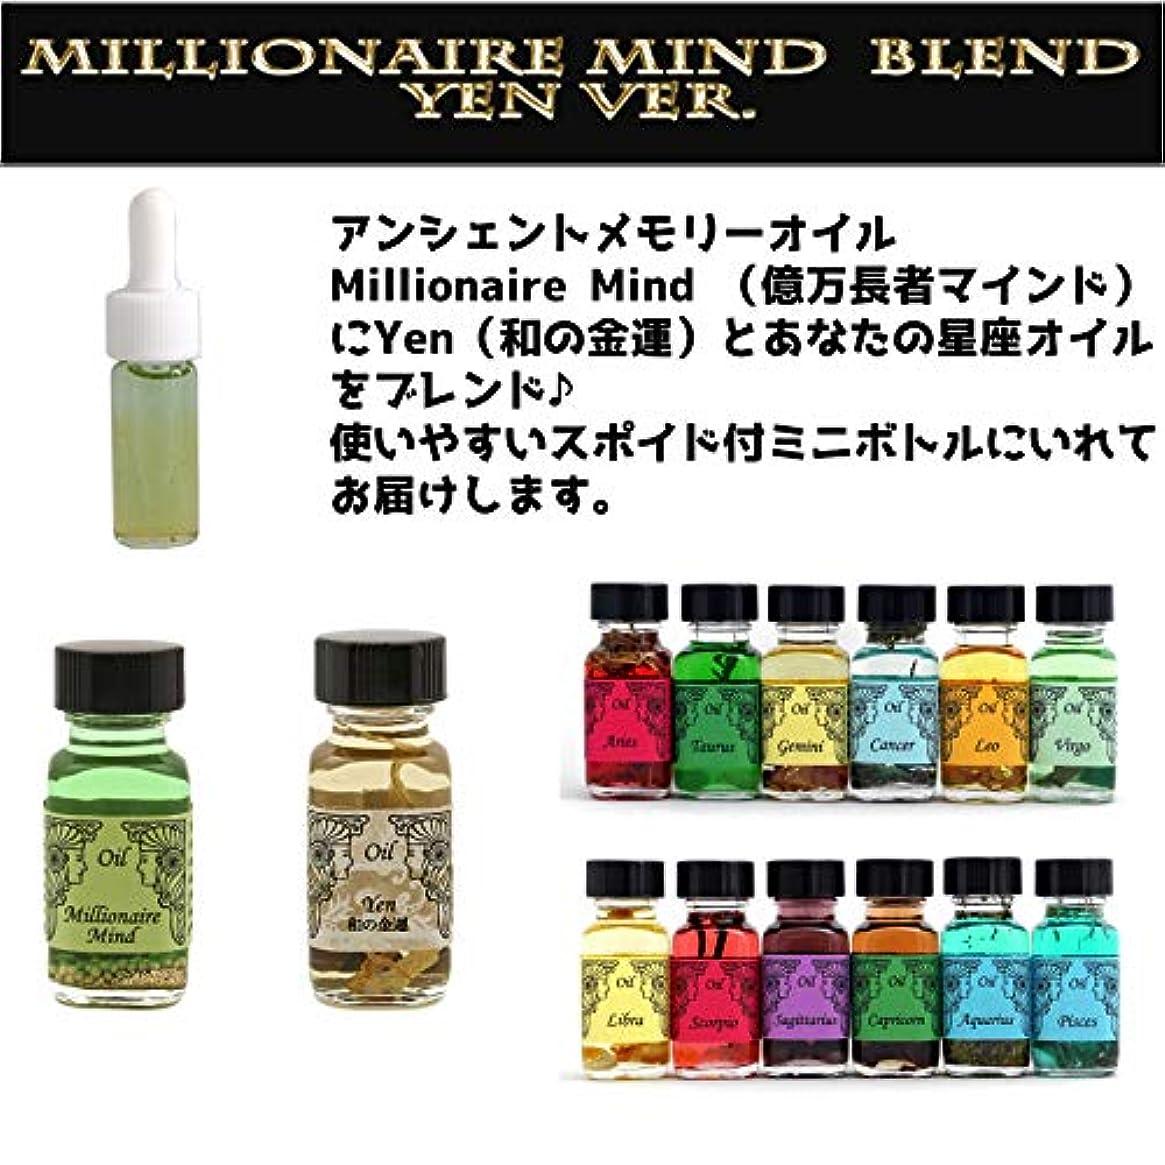 カロリー明らかにするレールアンシェントメモリーオイル Millionaire Mind 億万長者マインド ブレンド【Yen 和の金運&みずがめ座】